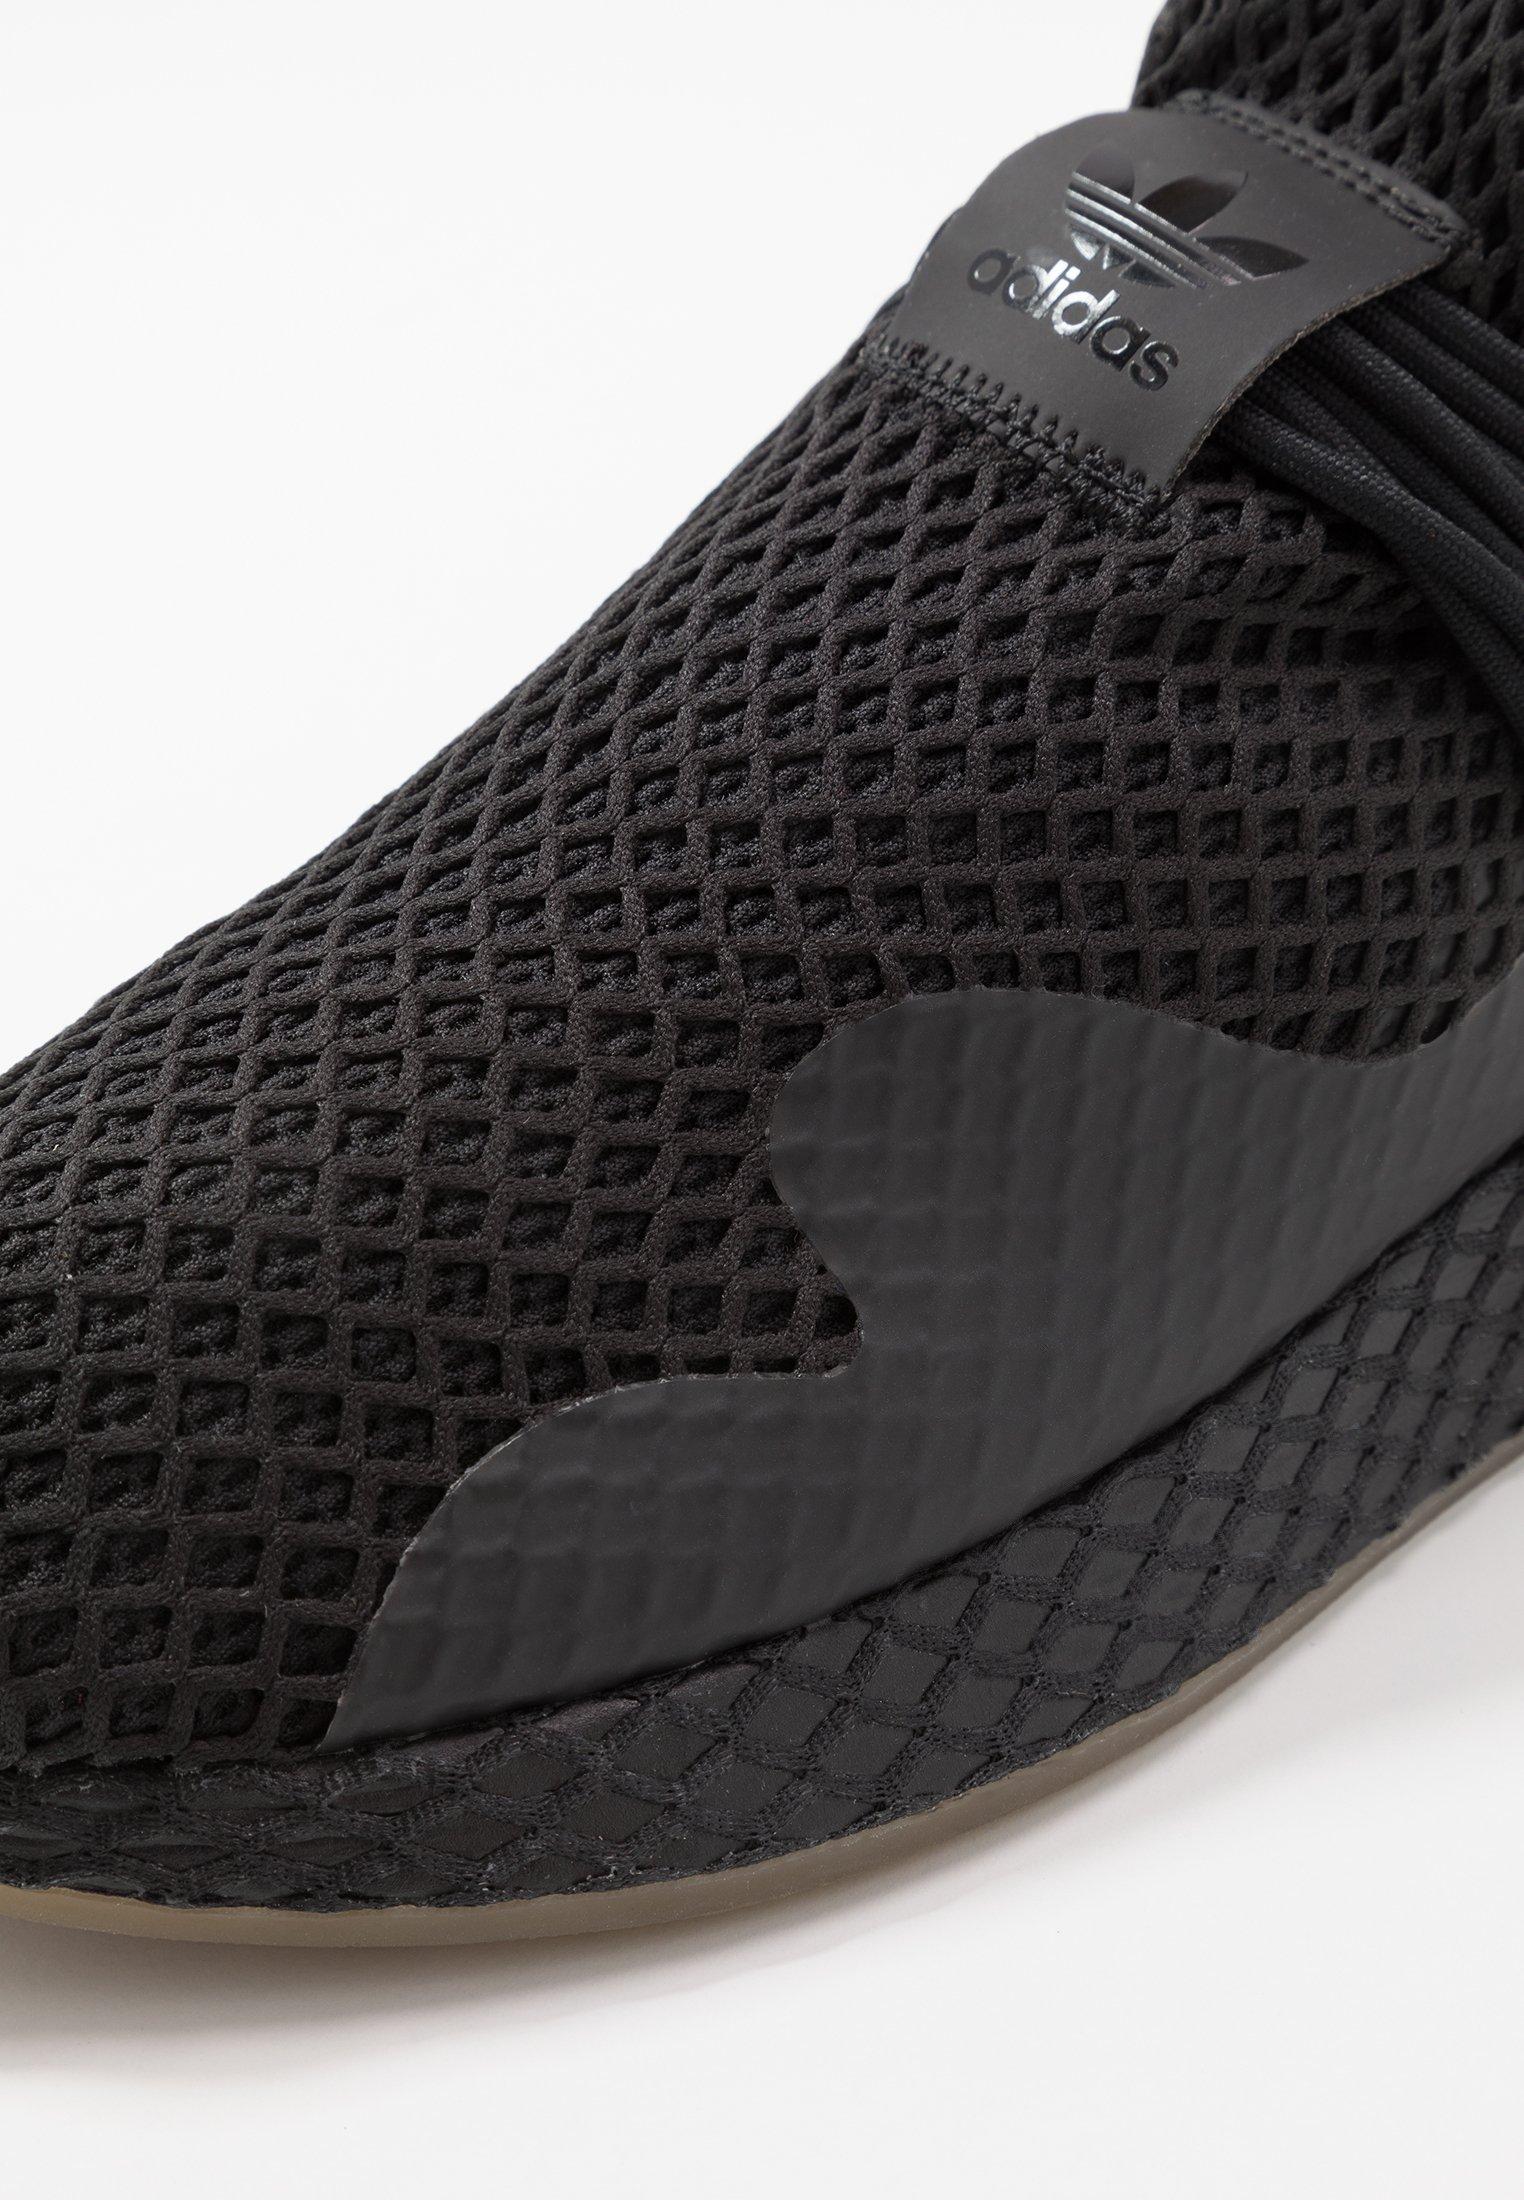 Adidas Originals Deerupt - Sneakers Core Black